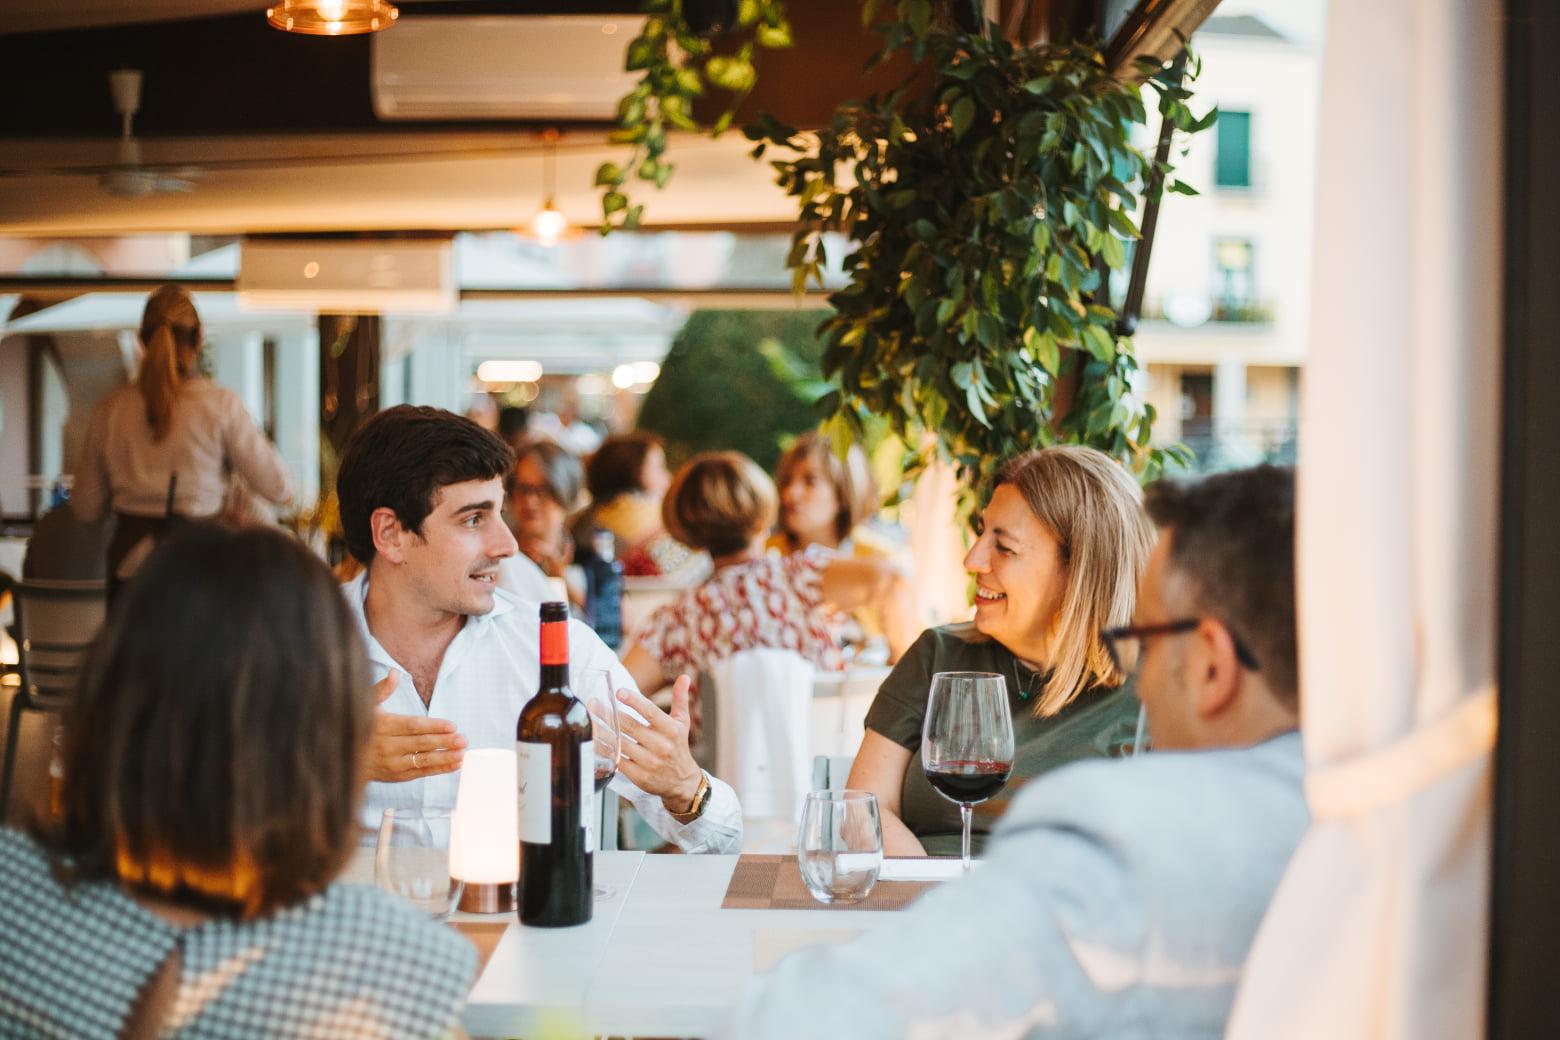 La noche de cocina Nikkei en el restaurante La Violeta, un evento culinario de primer nivel 28